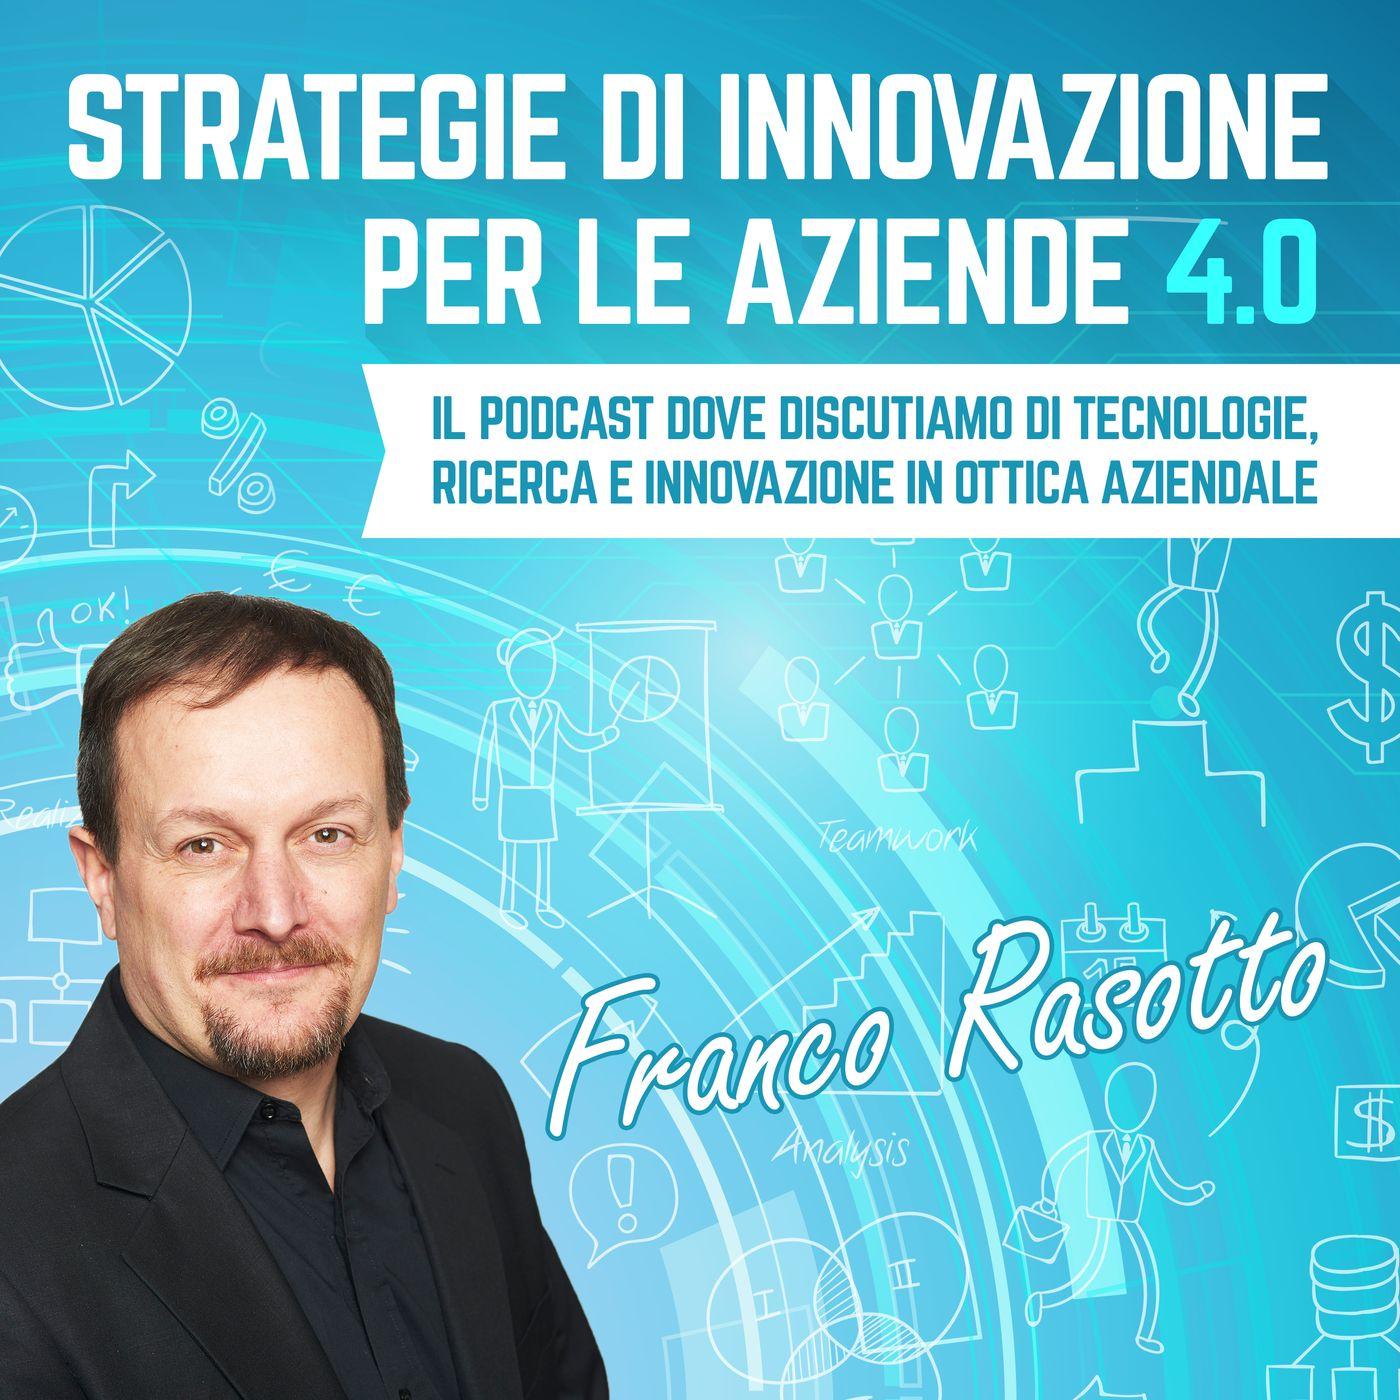 Strategie di innovazione per le aziende